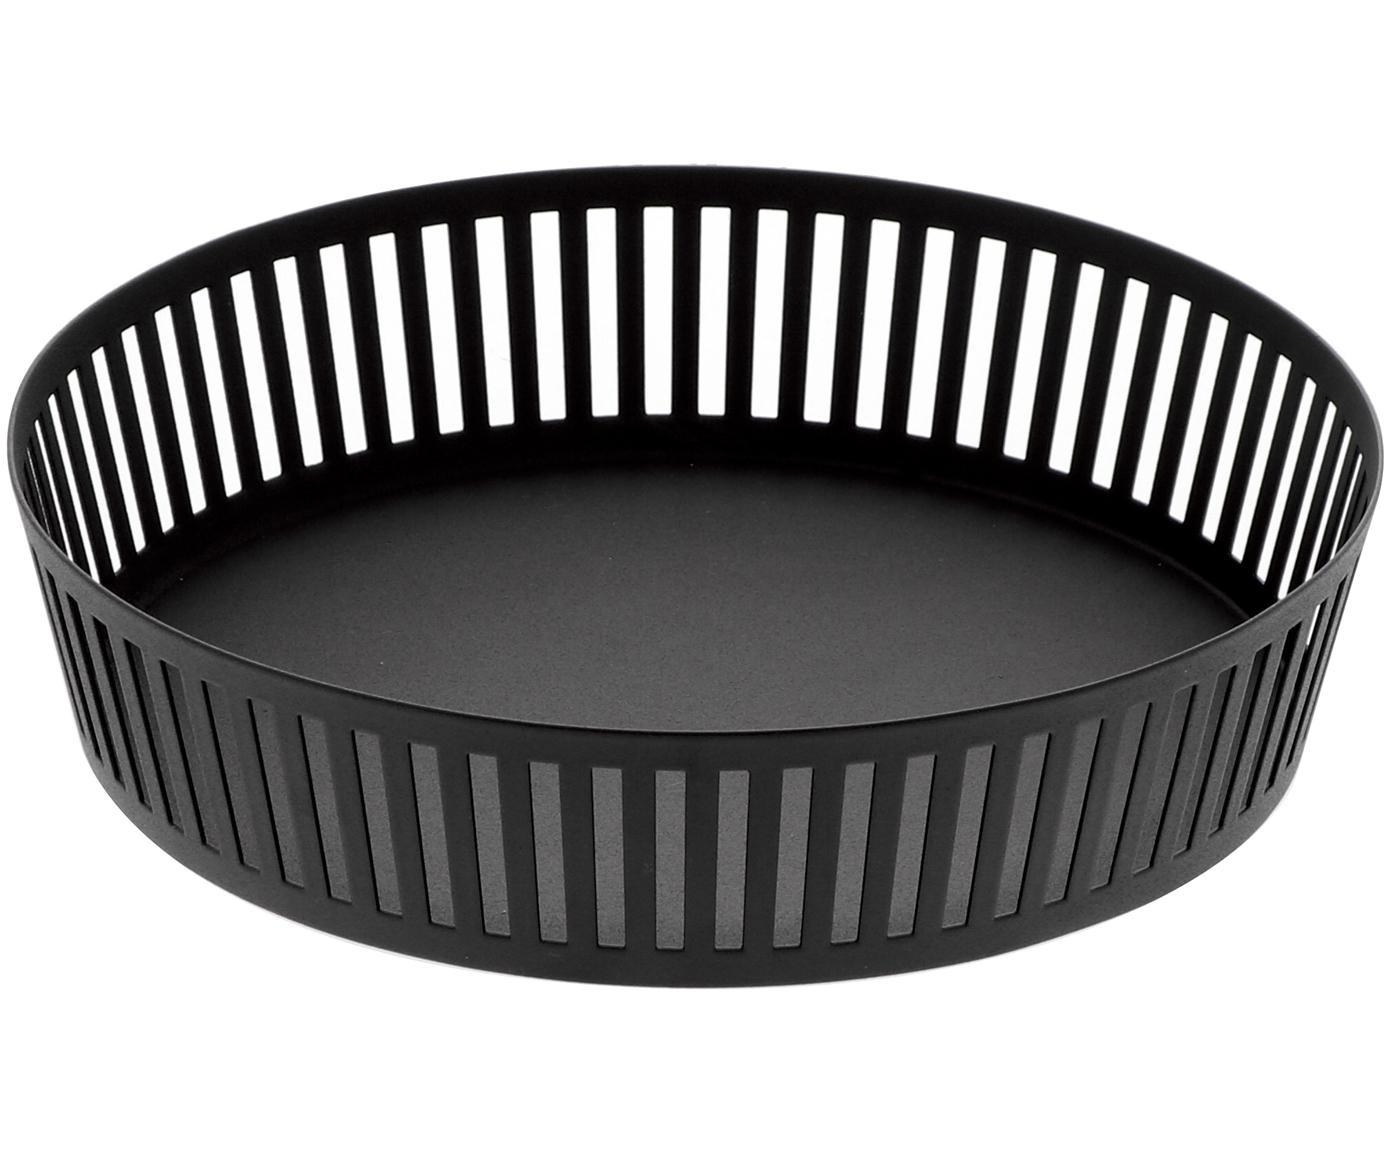 Opbergmand Tower in zwart, Gecoat staal, Zwart, Ø 25 x H 5 cm